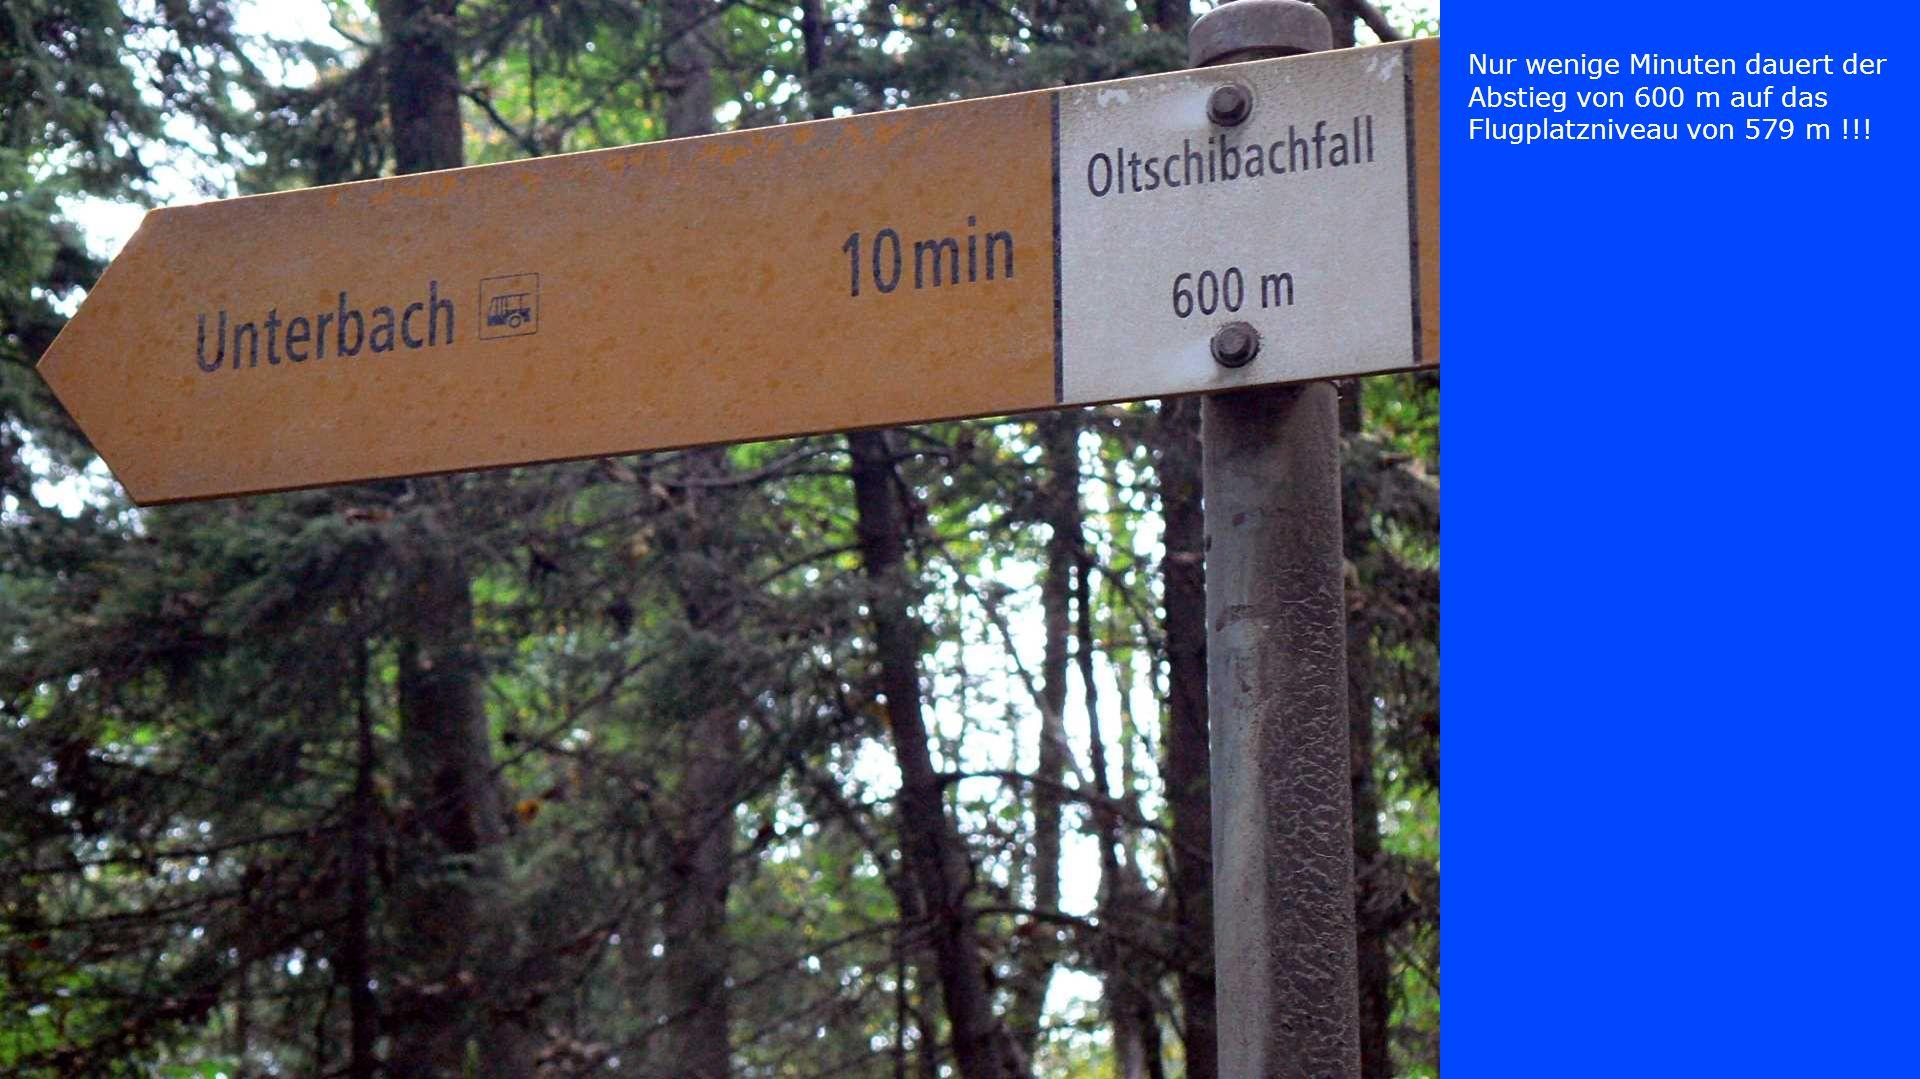 Nur wenige Minuten dauert der Abstieg von 600 m auf das Flugplatzniveau von 579 m !!!